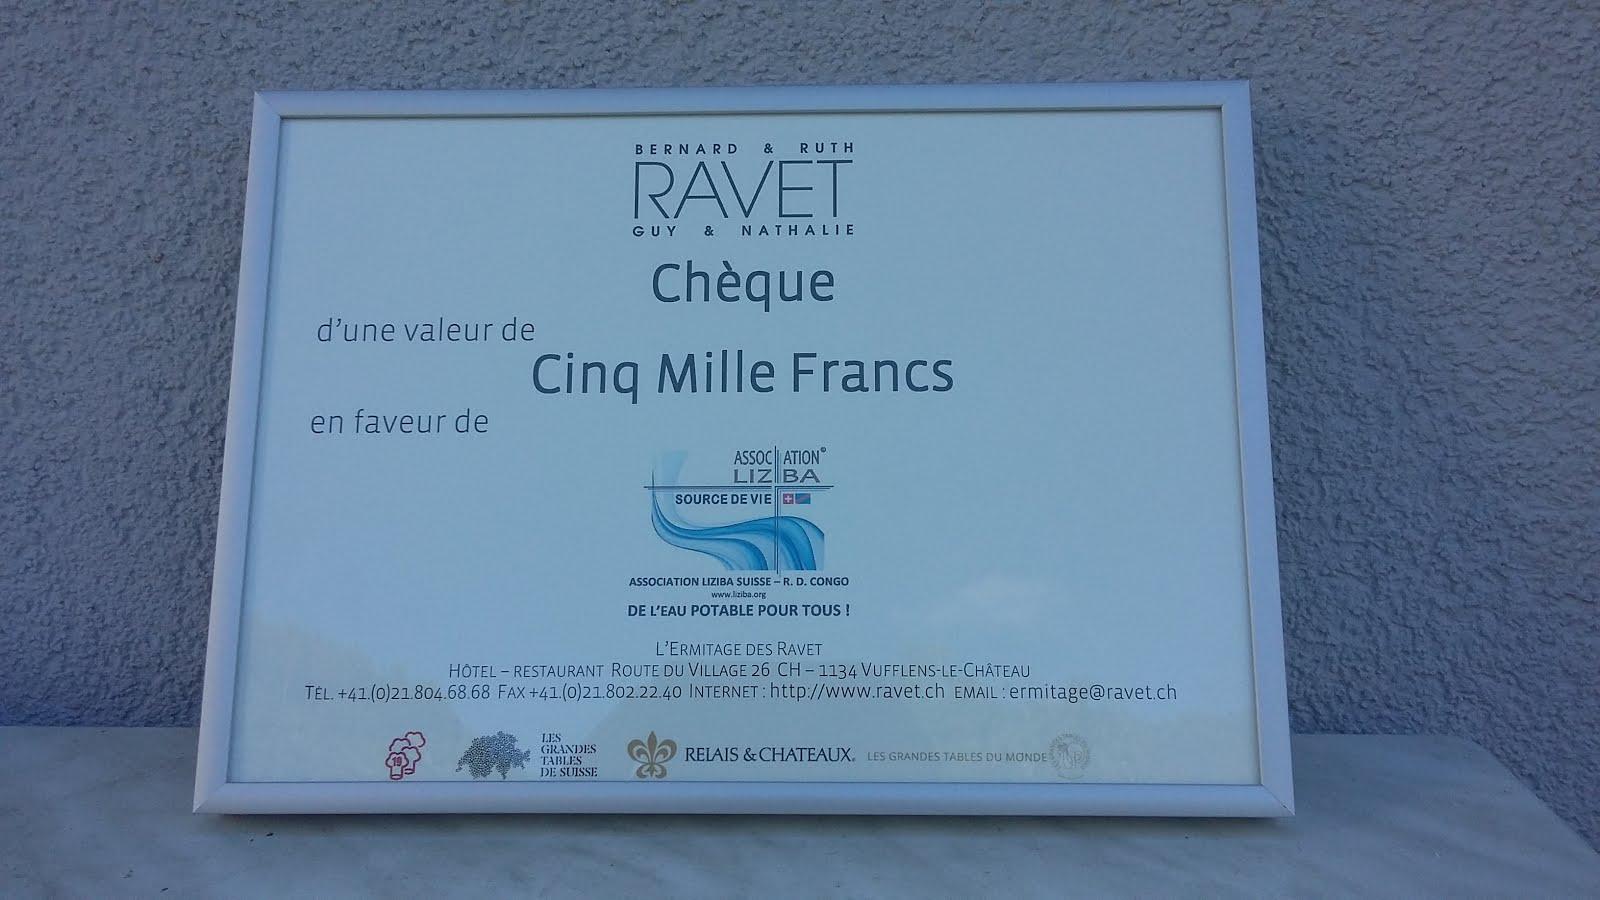 Don de Guy Ravet